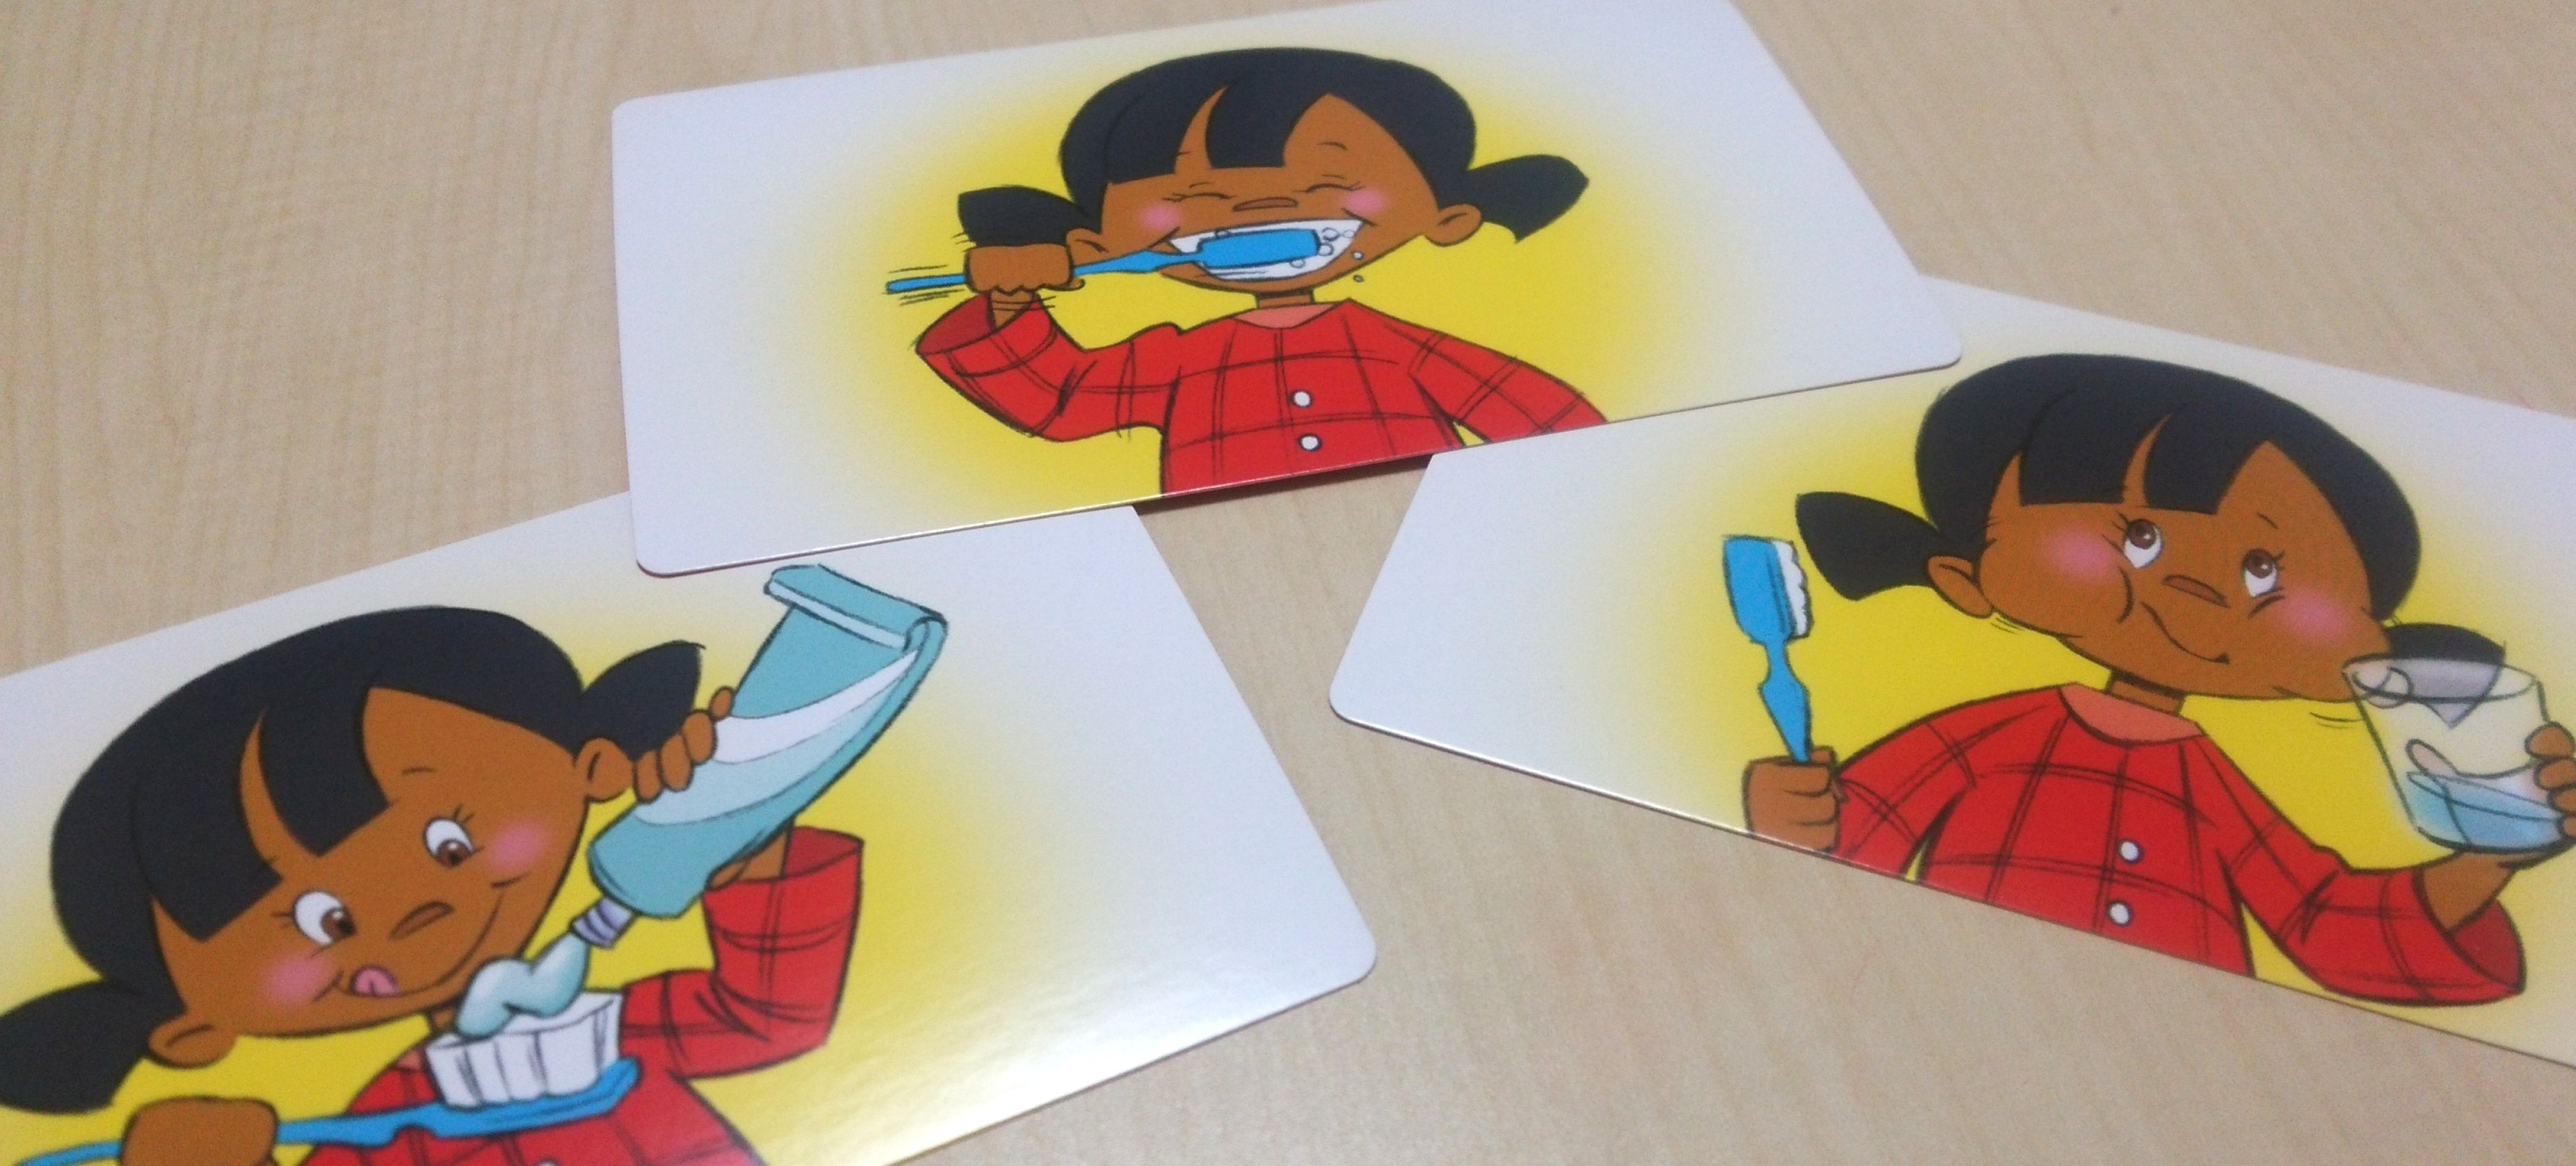 「お話づくり」で3歳児さん〜の論理性と表現力を高める『Sequence Rummy Challenge Cards 』